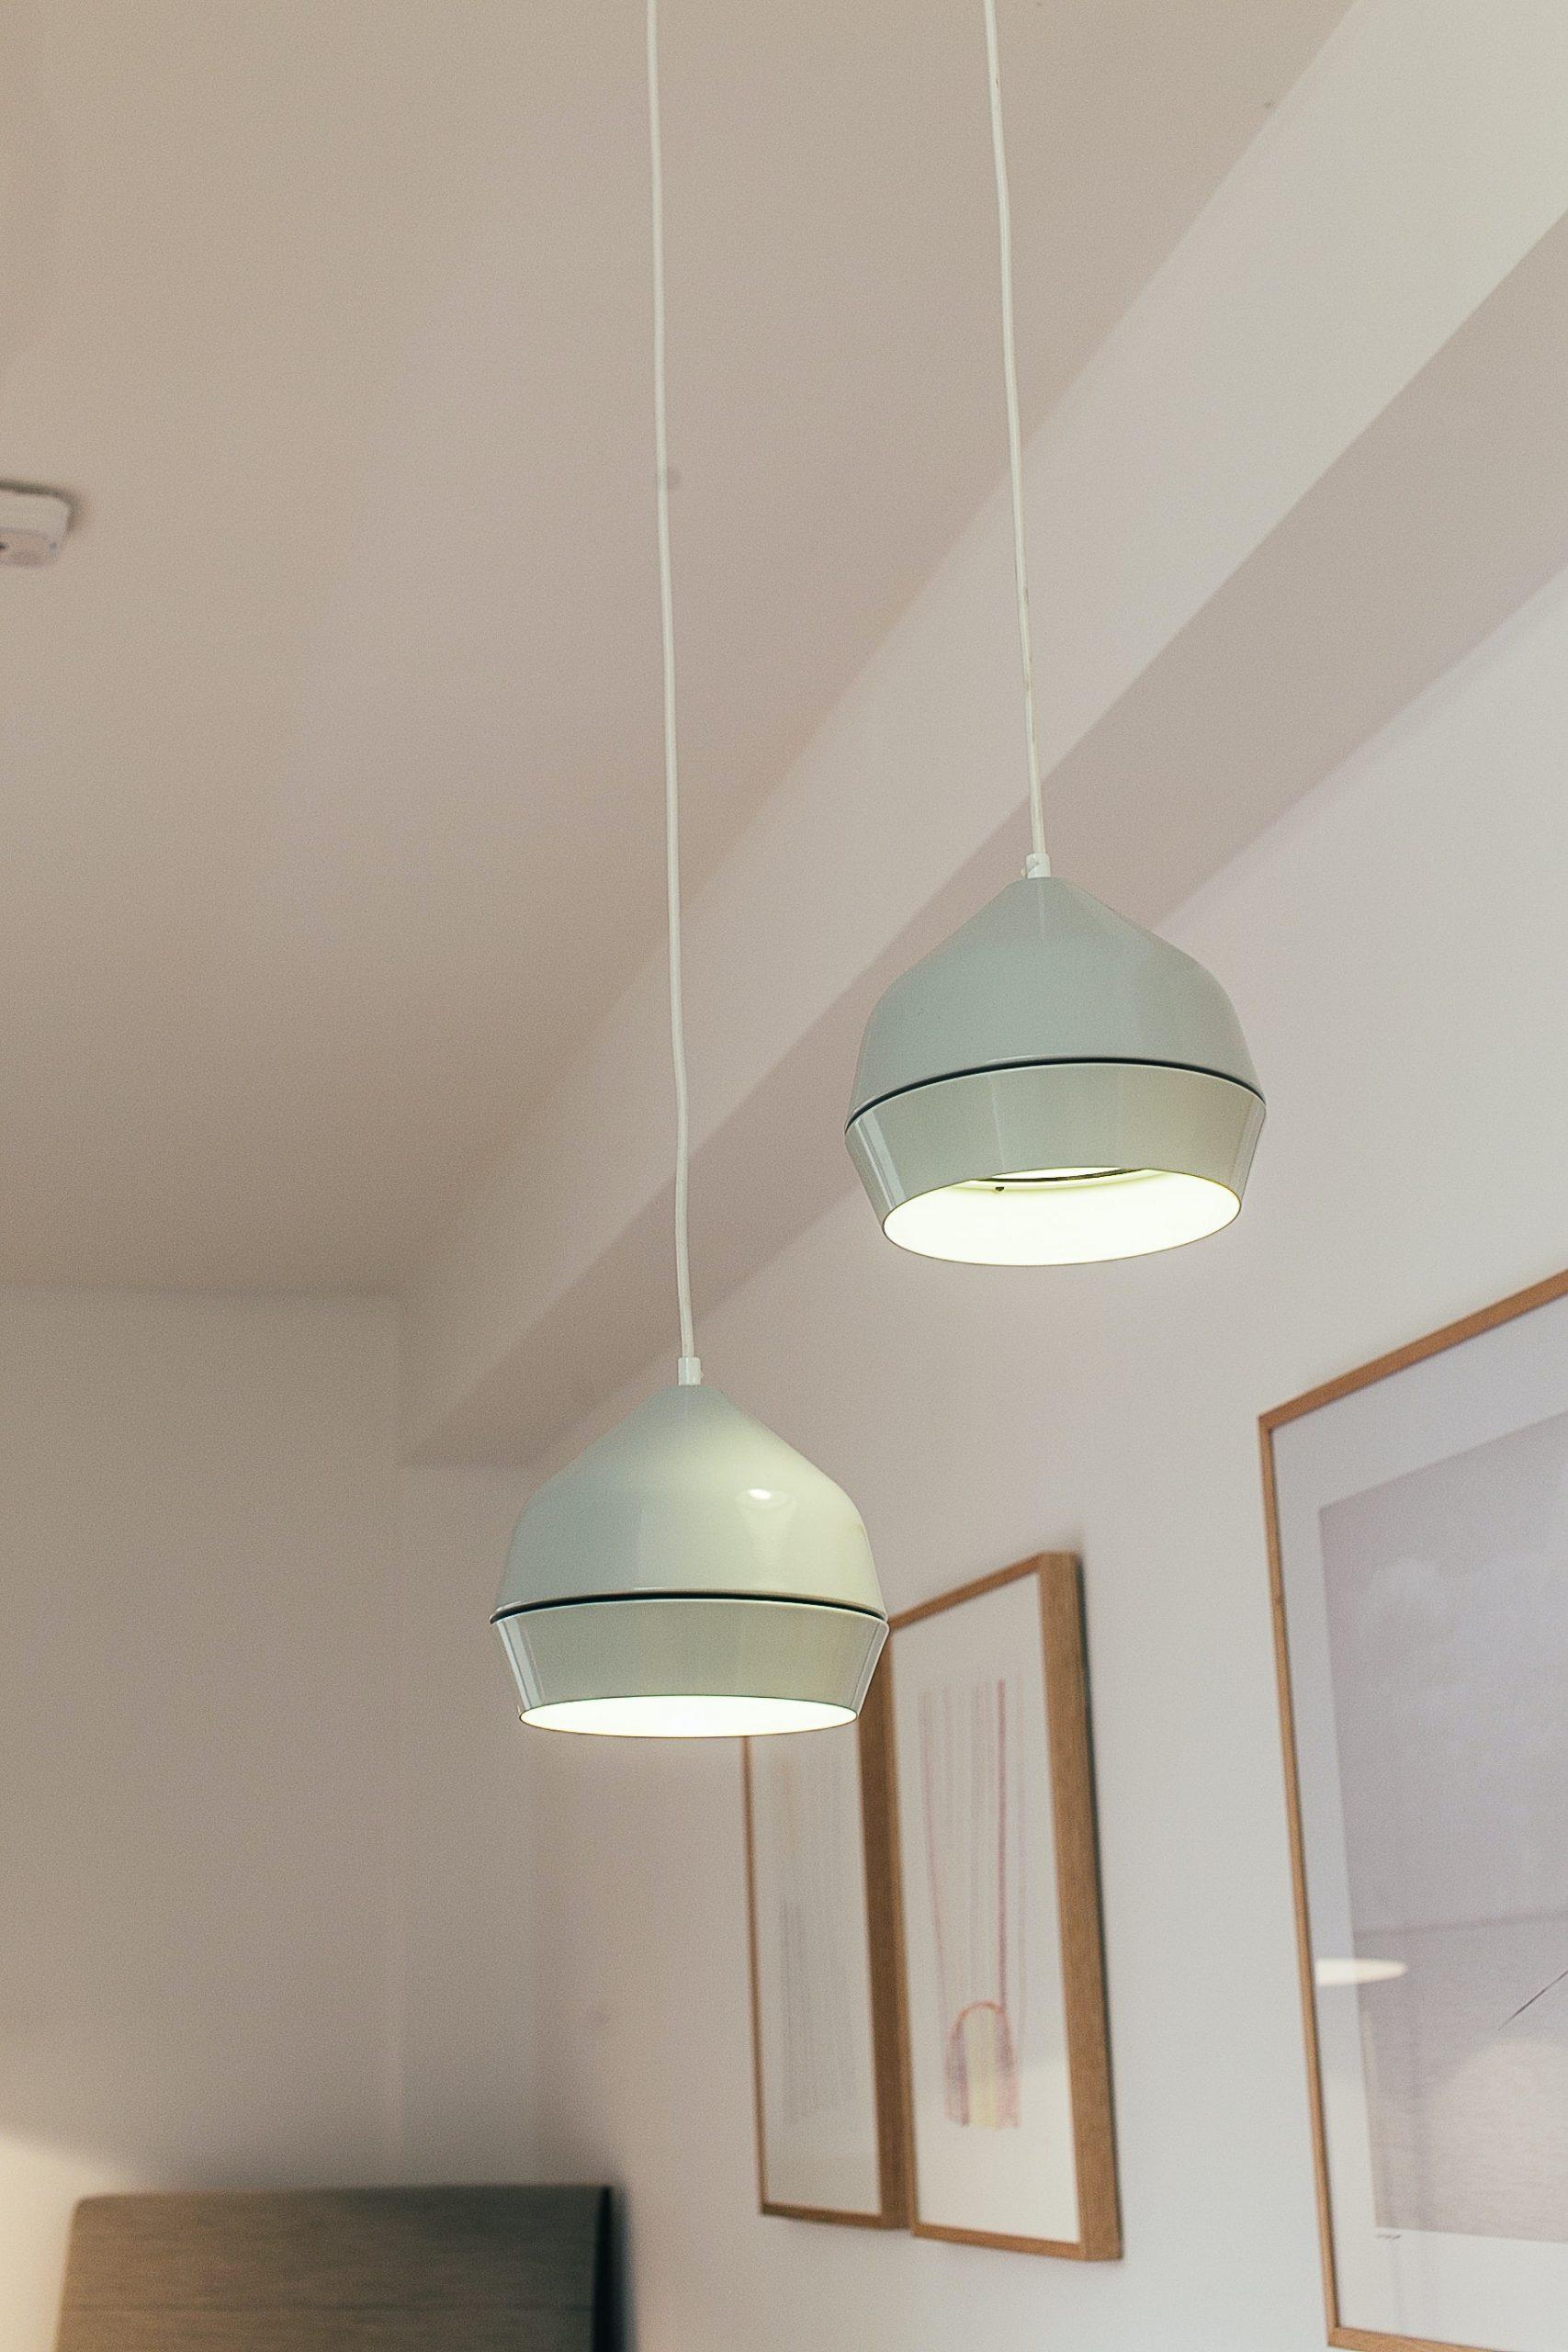 Cleanig Light Fixtures